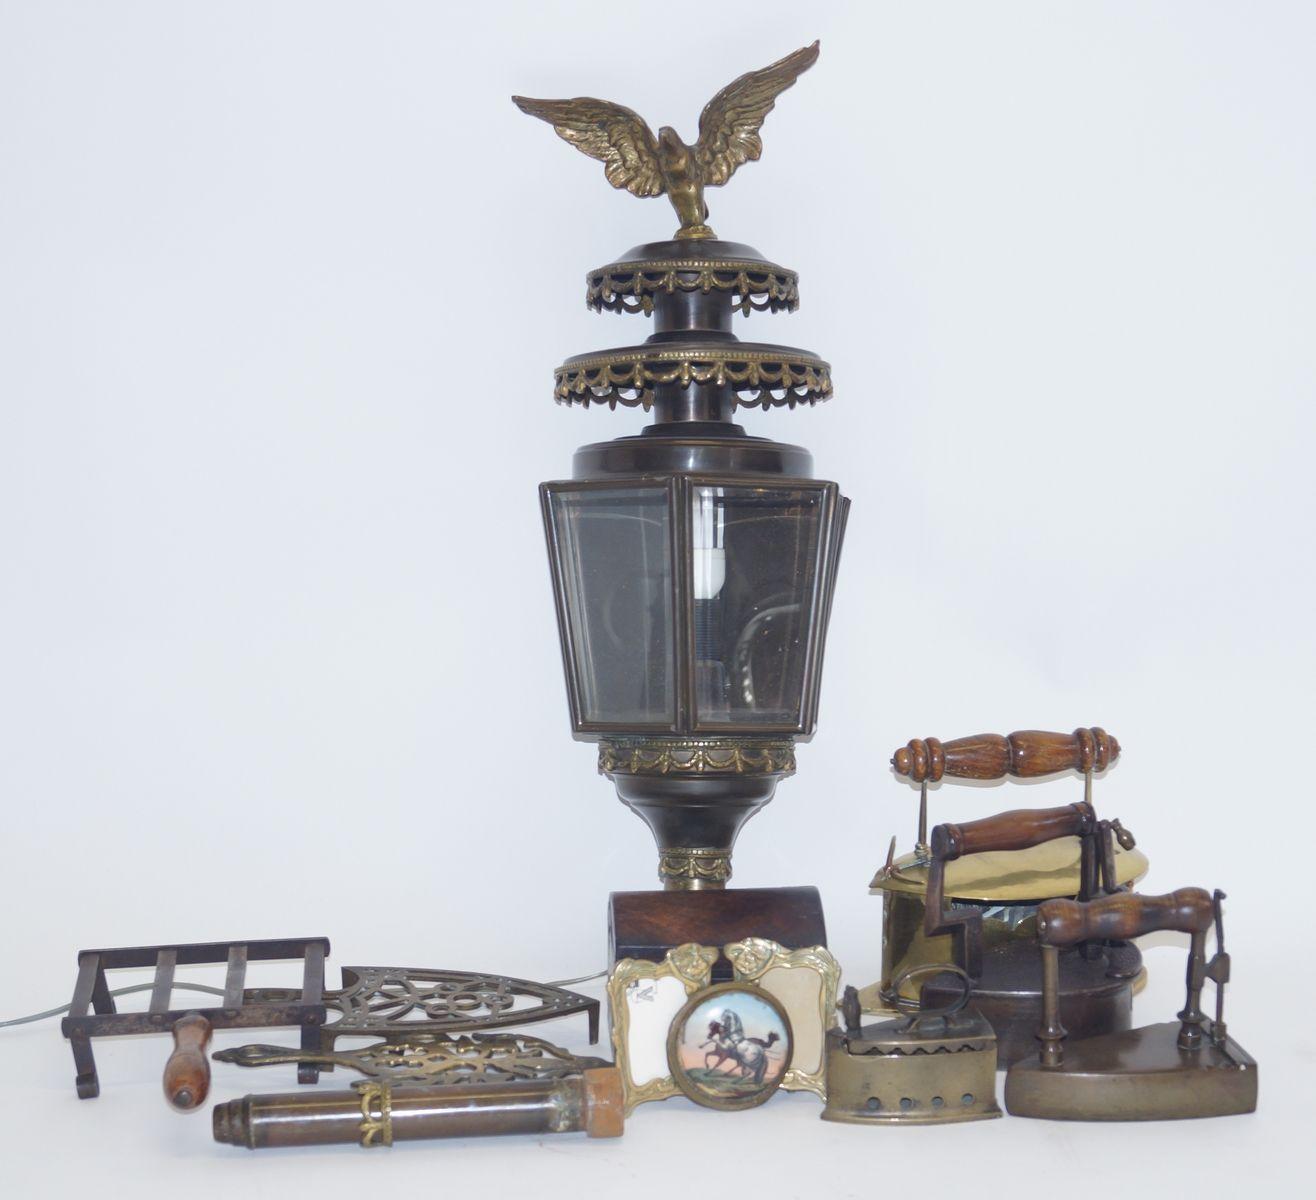 Een kavel divers antiek, w.o. strijkijzers, geëlectrificeerde koetslantaarn, theekistje, enz